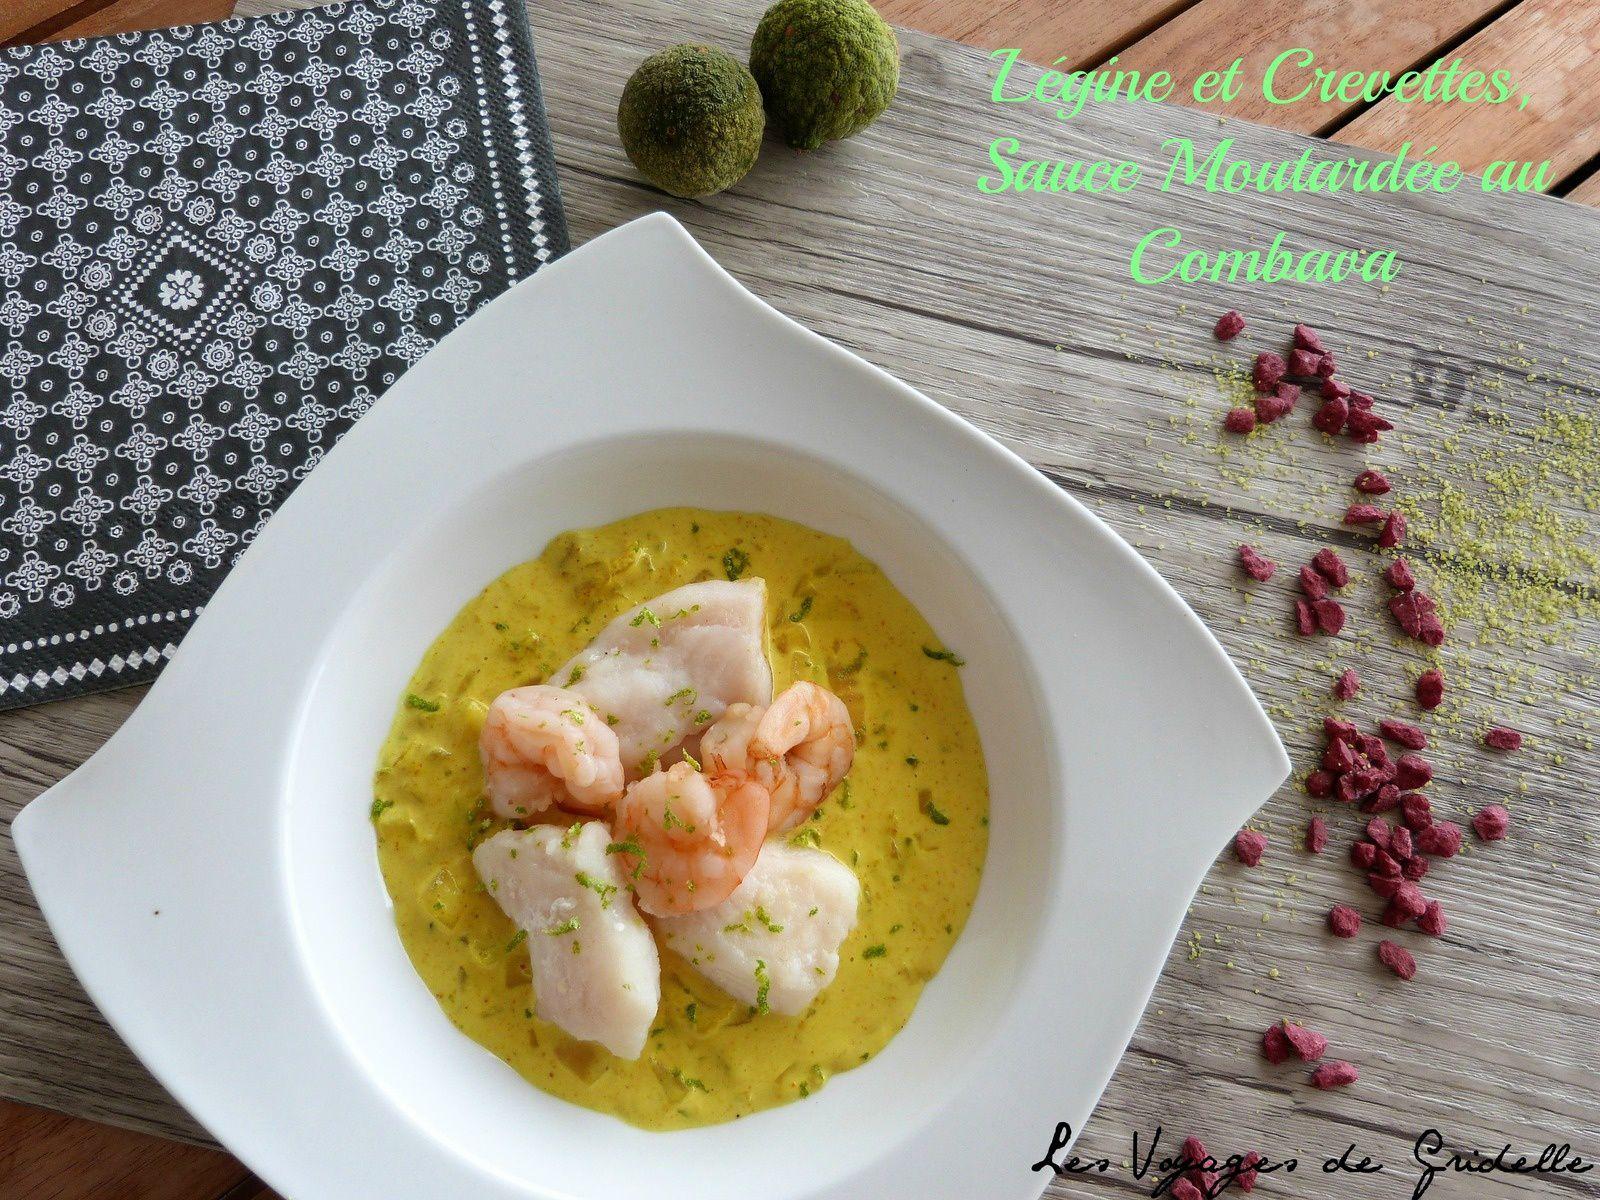 Légine (ou Lotte) et Crevettes, Sauce Moutardée au Combava - Les Voyages de Gridelle